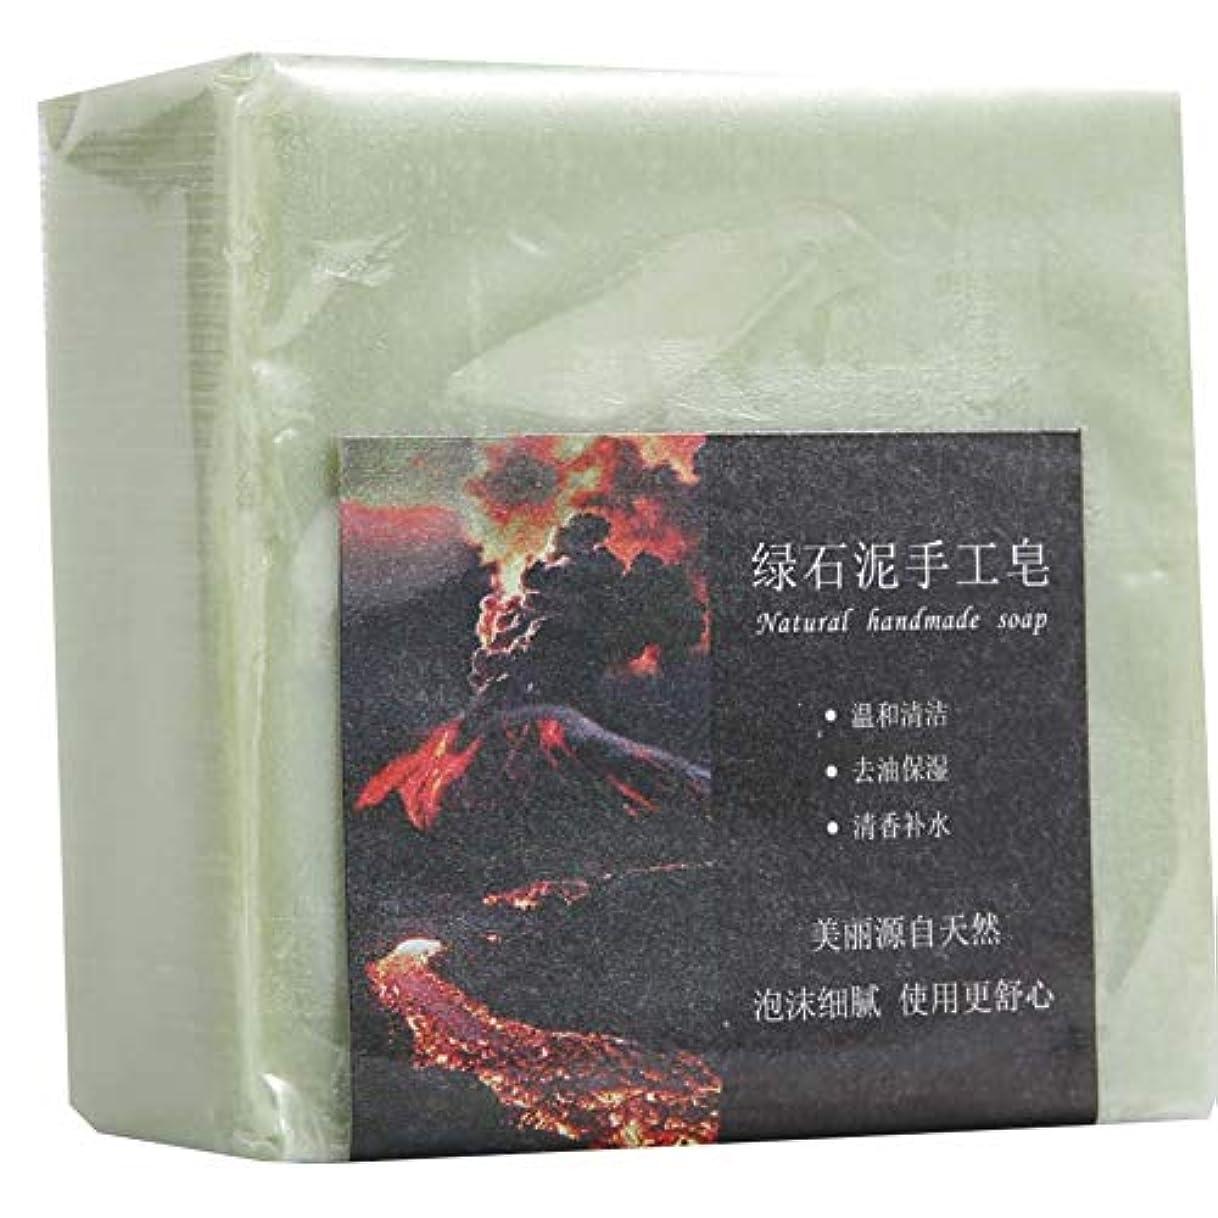 先祖ジャンクペリスコープハンドメイドグリーンクレイソープ 優しい フェイシャルクリーニング 保湿フェイシャルケア バスエッセンシャルオイルソープ